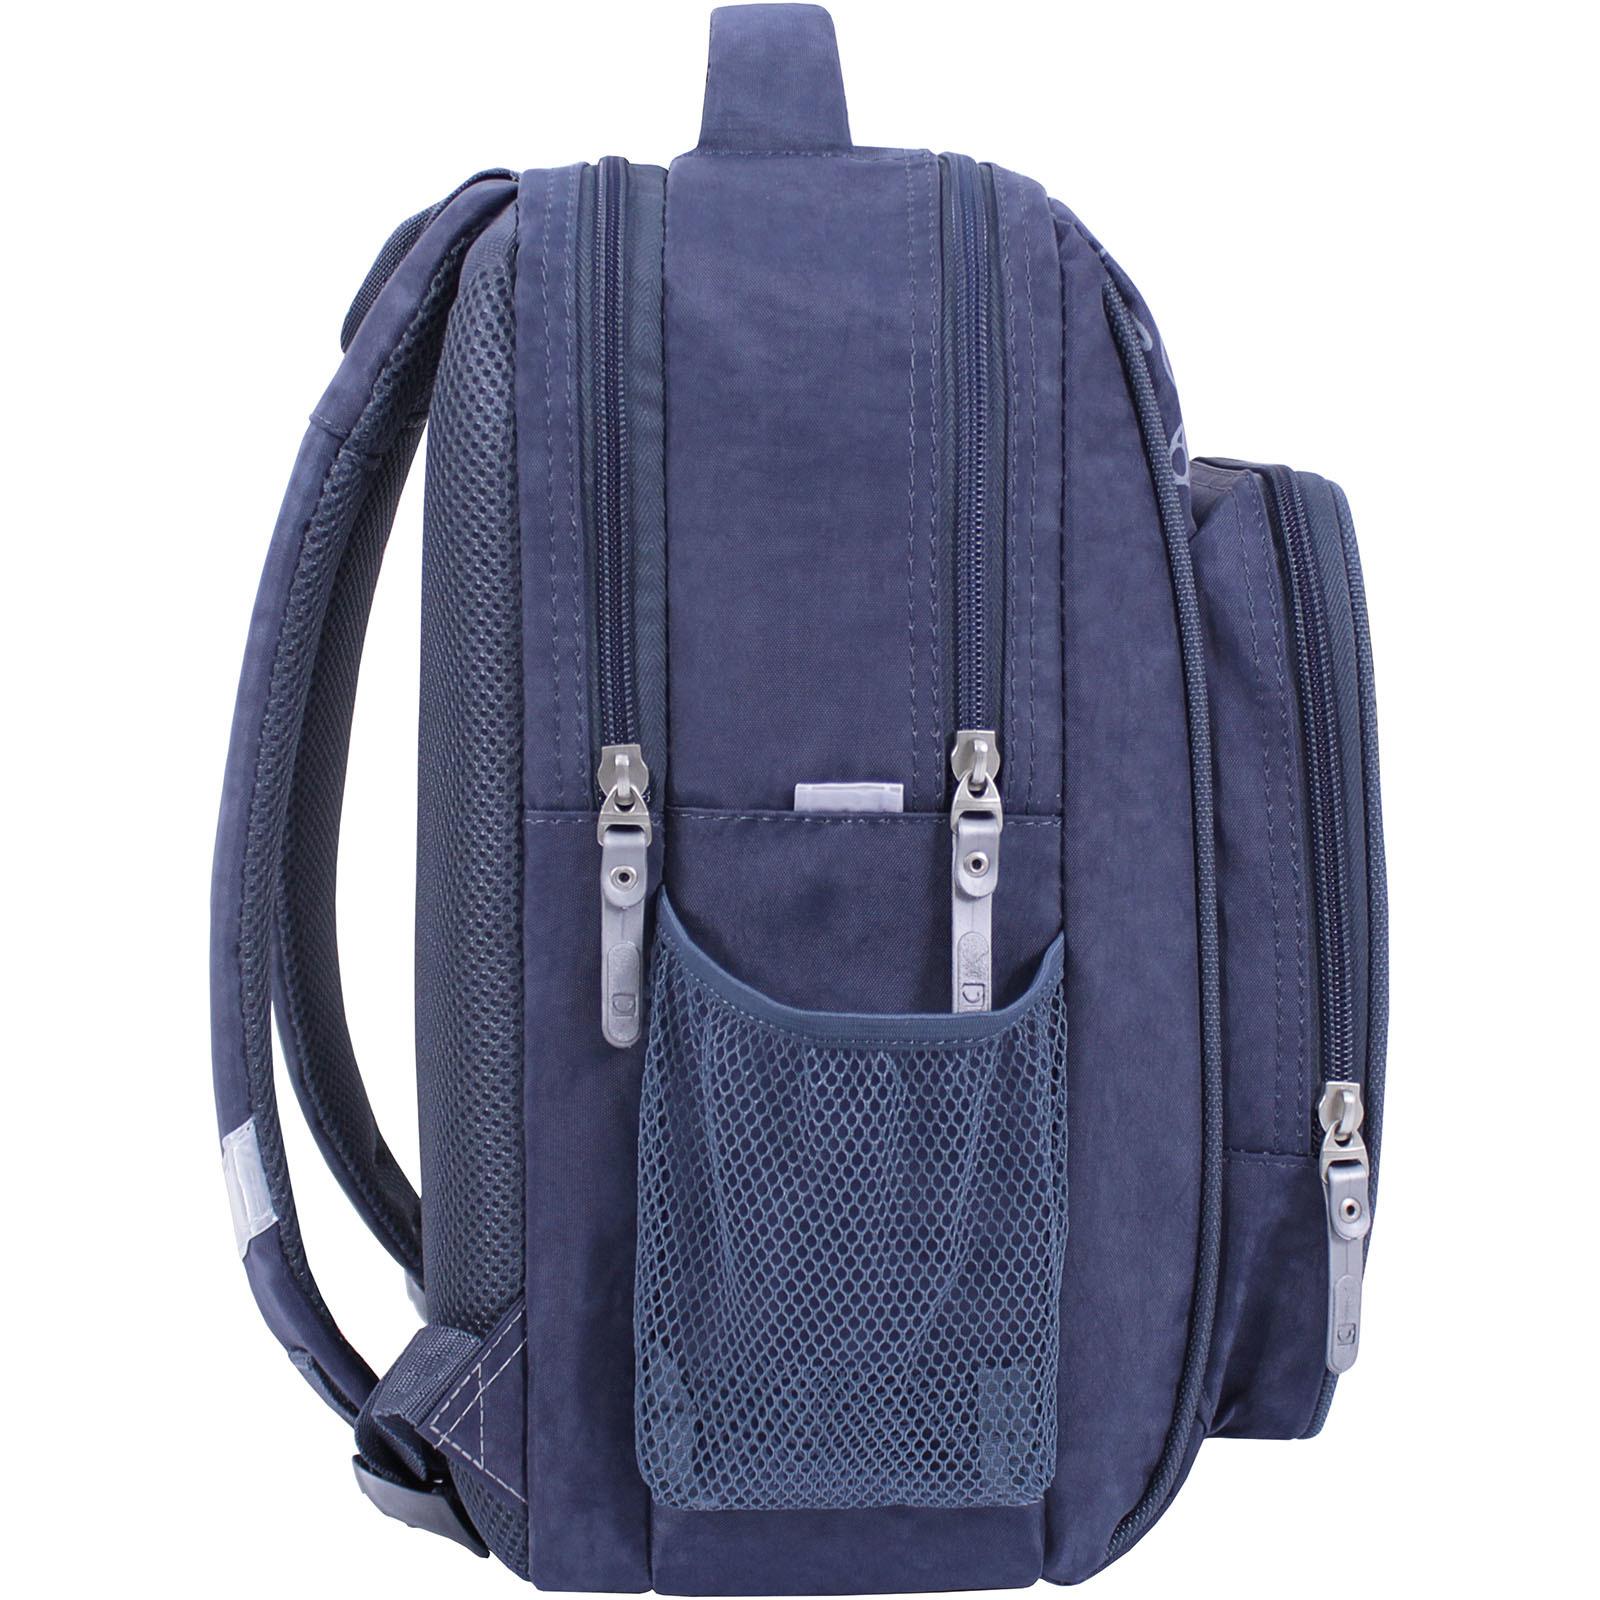 Рюкзак школьный Bagland Школьник 8 л. 321 серый 509 (0012870) фото 2